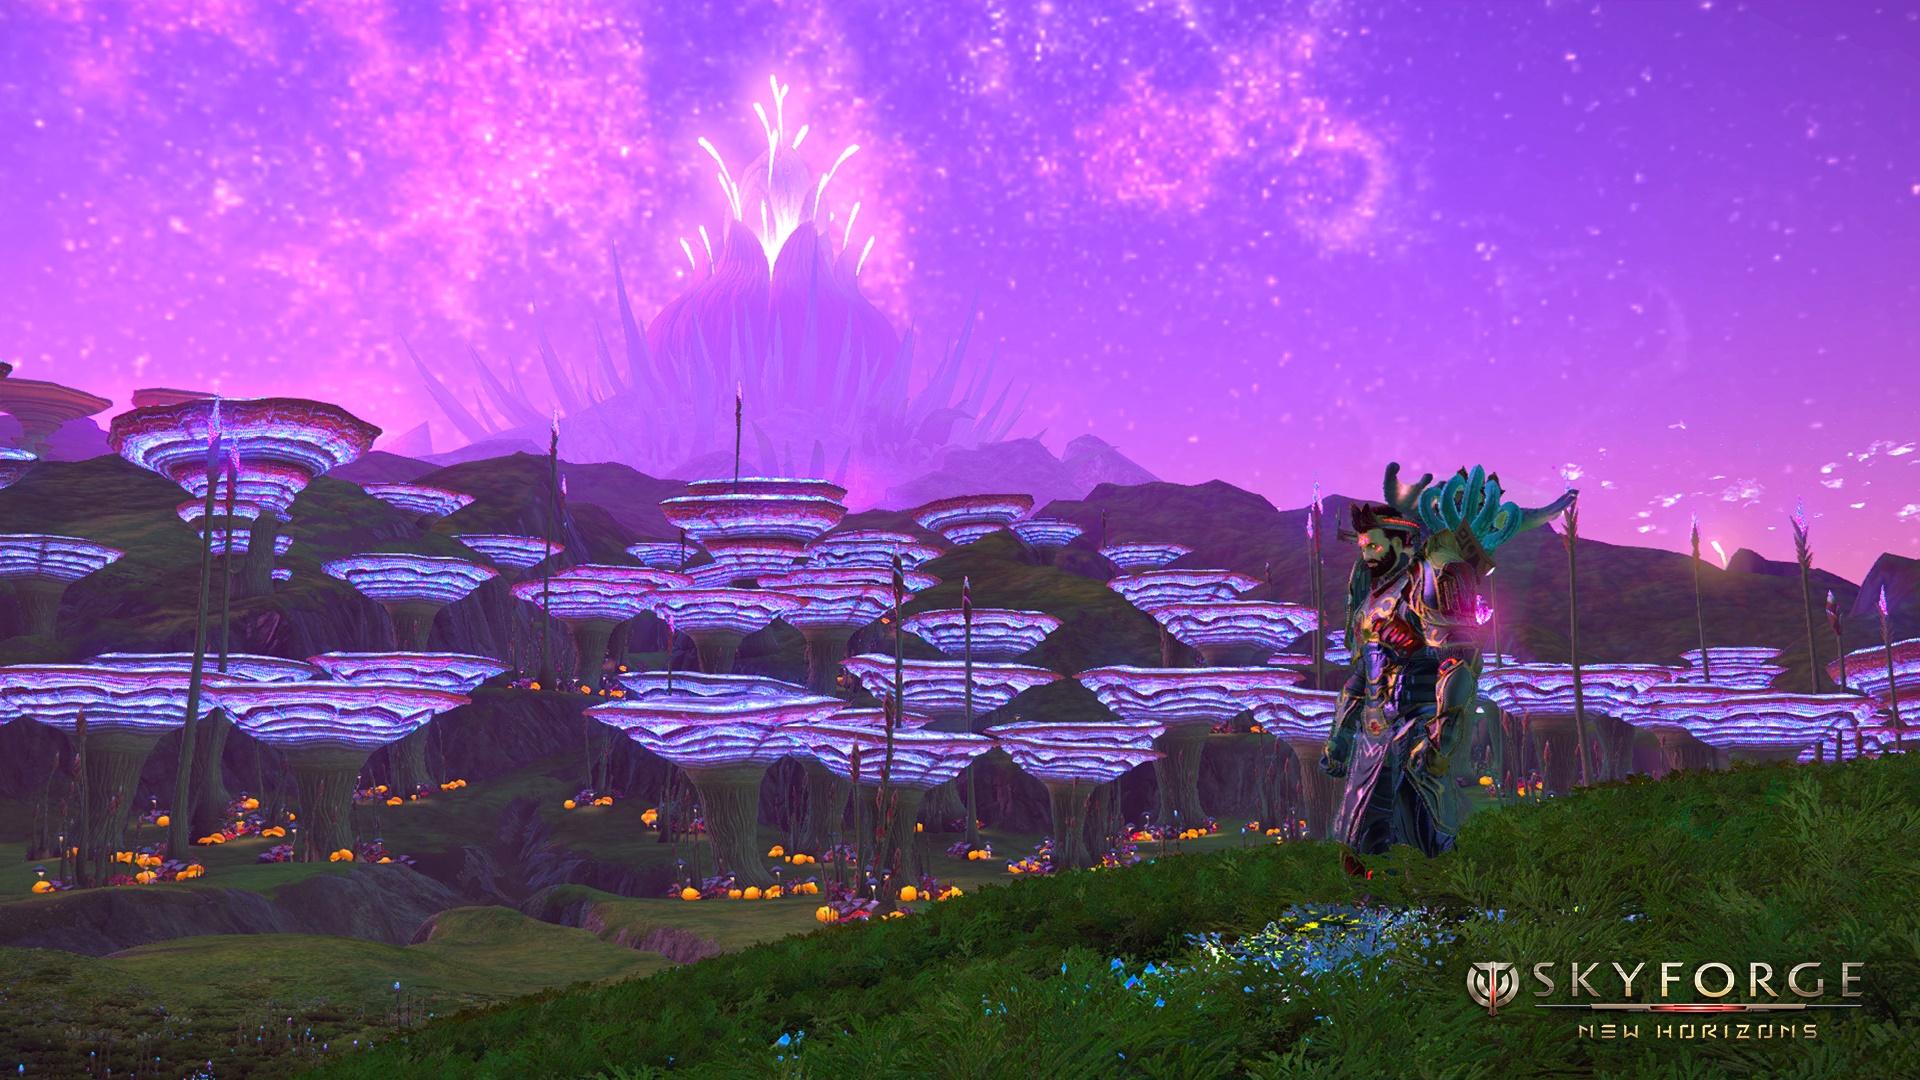 Skyforge New Horizons Screenshot